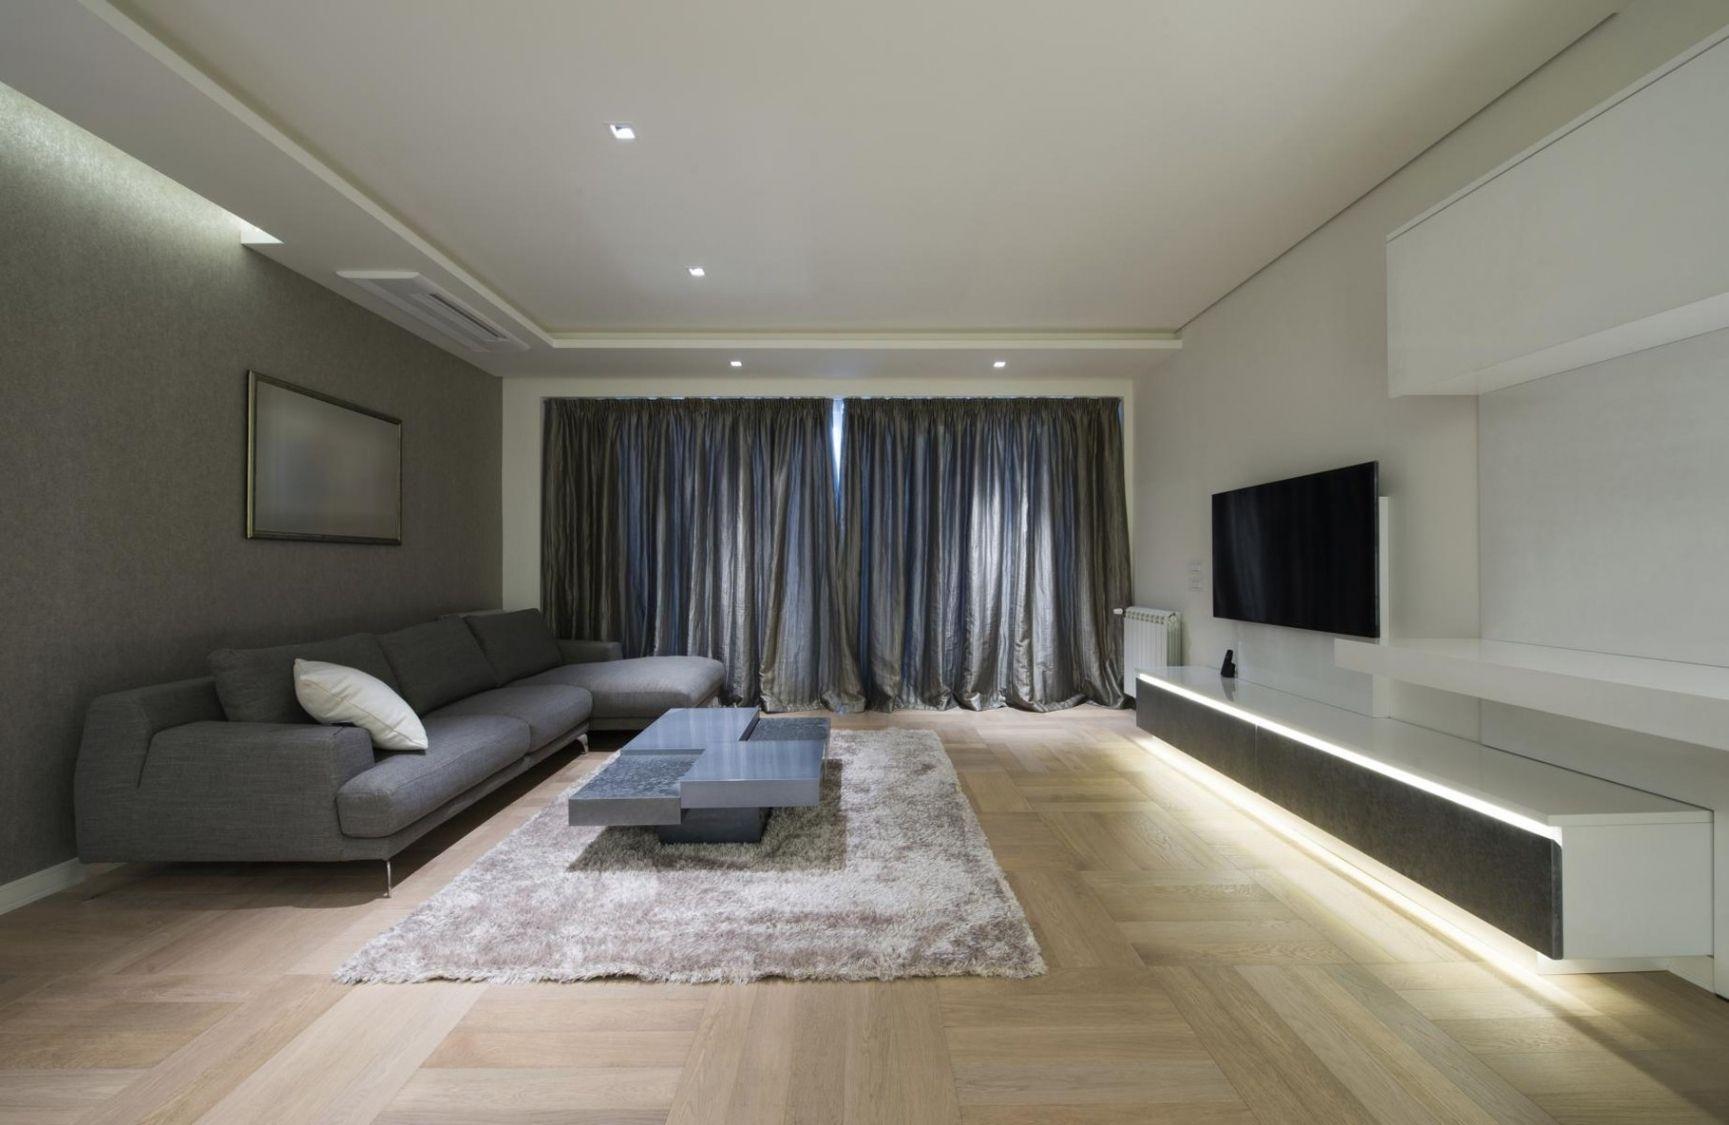 schn deckengestaltung wohnzimmer bilder - Deckengestaltung Wohnzimmer